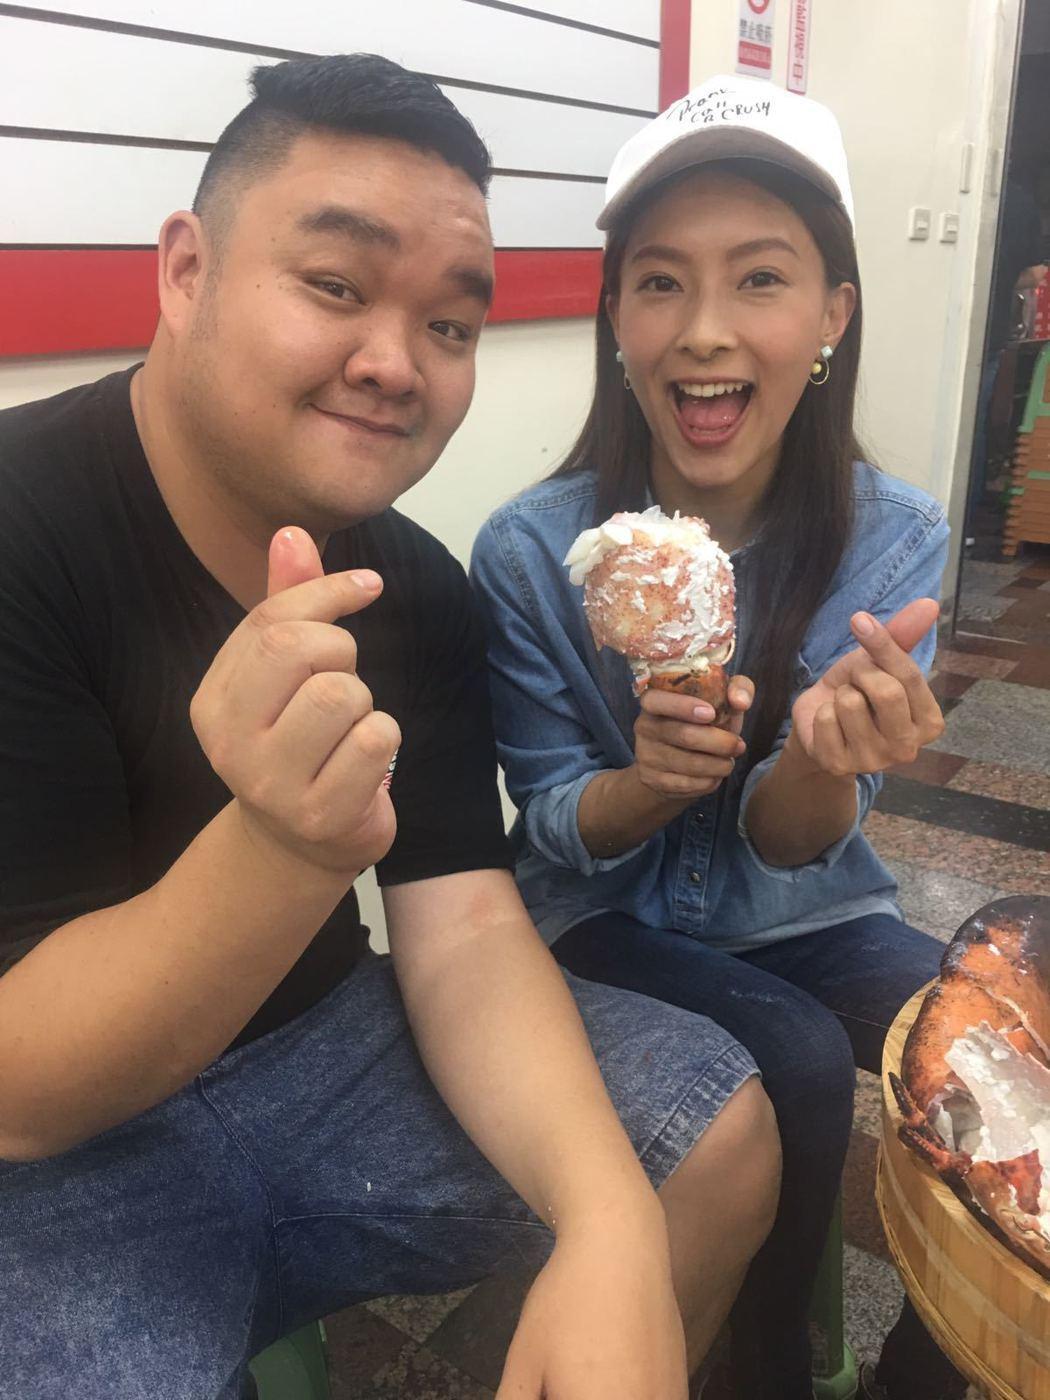 陳瑋薇(右)在主持行腳節目爆料學弟林道遠曾追過自己的好姐妹。圖/齊石提供